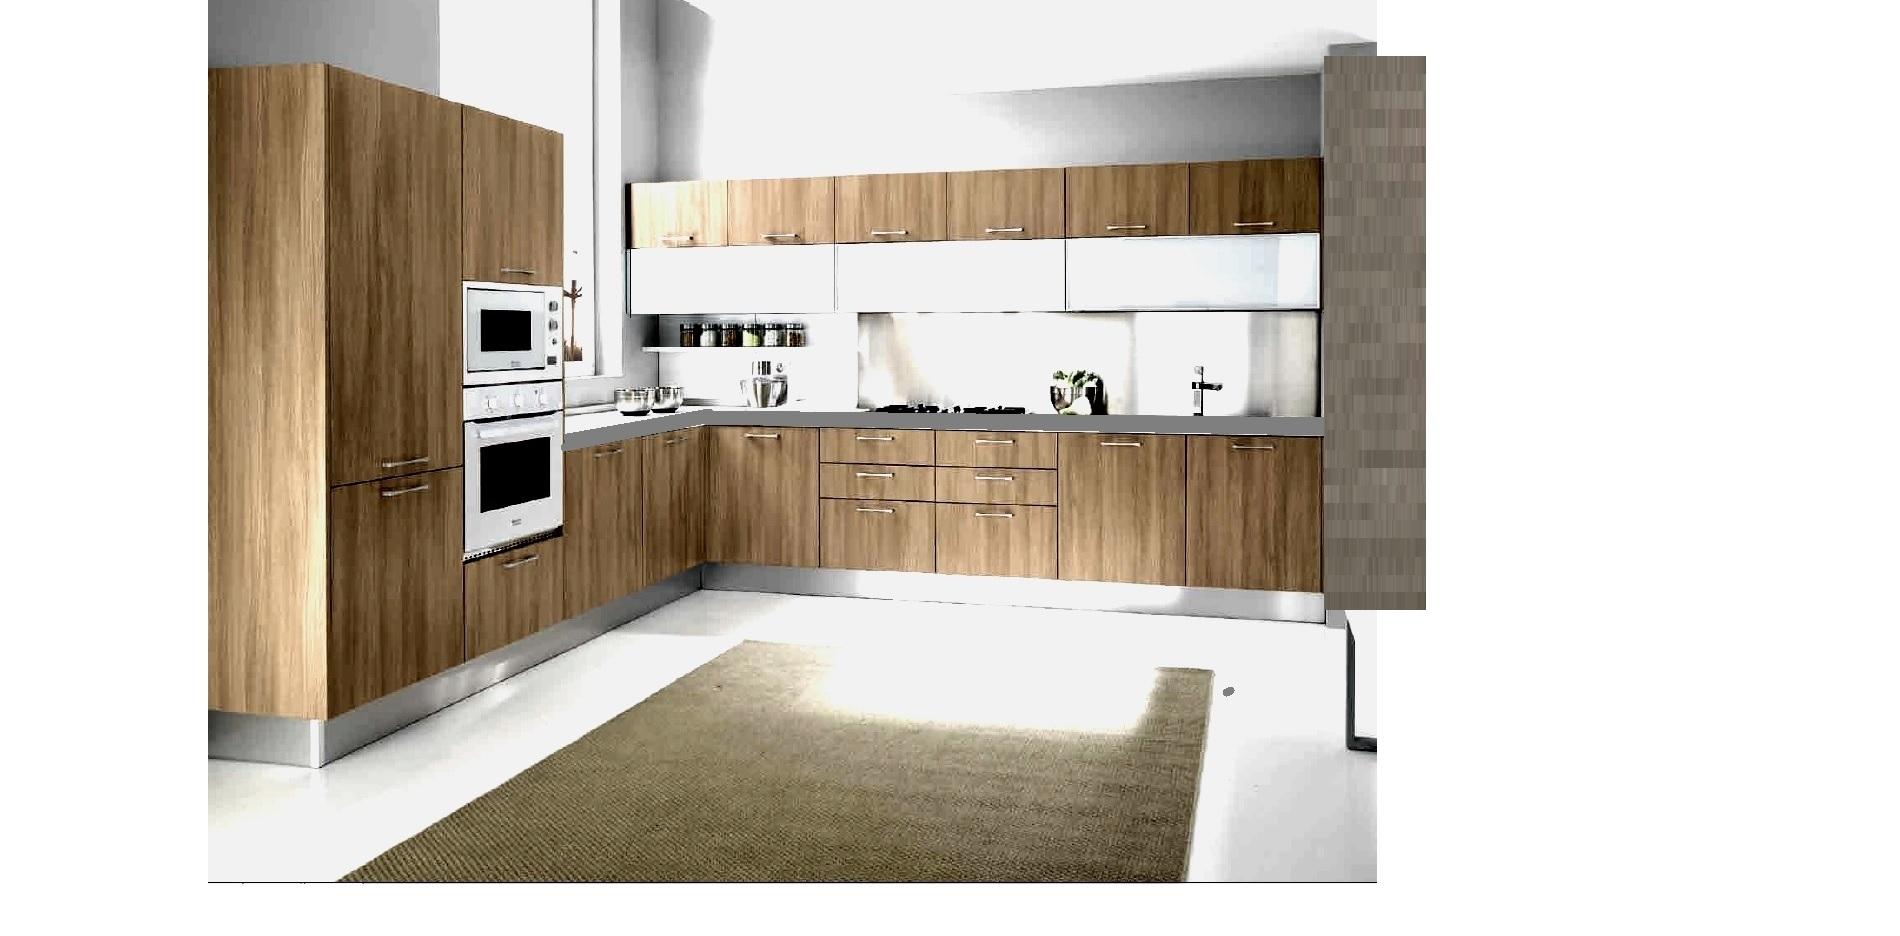 Cucina moderna angolare in stile etno industrial essenza - Cucine vecchio stile ...